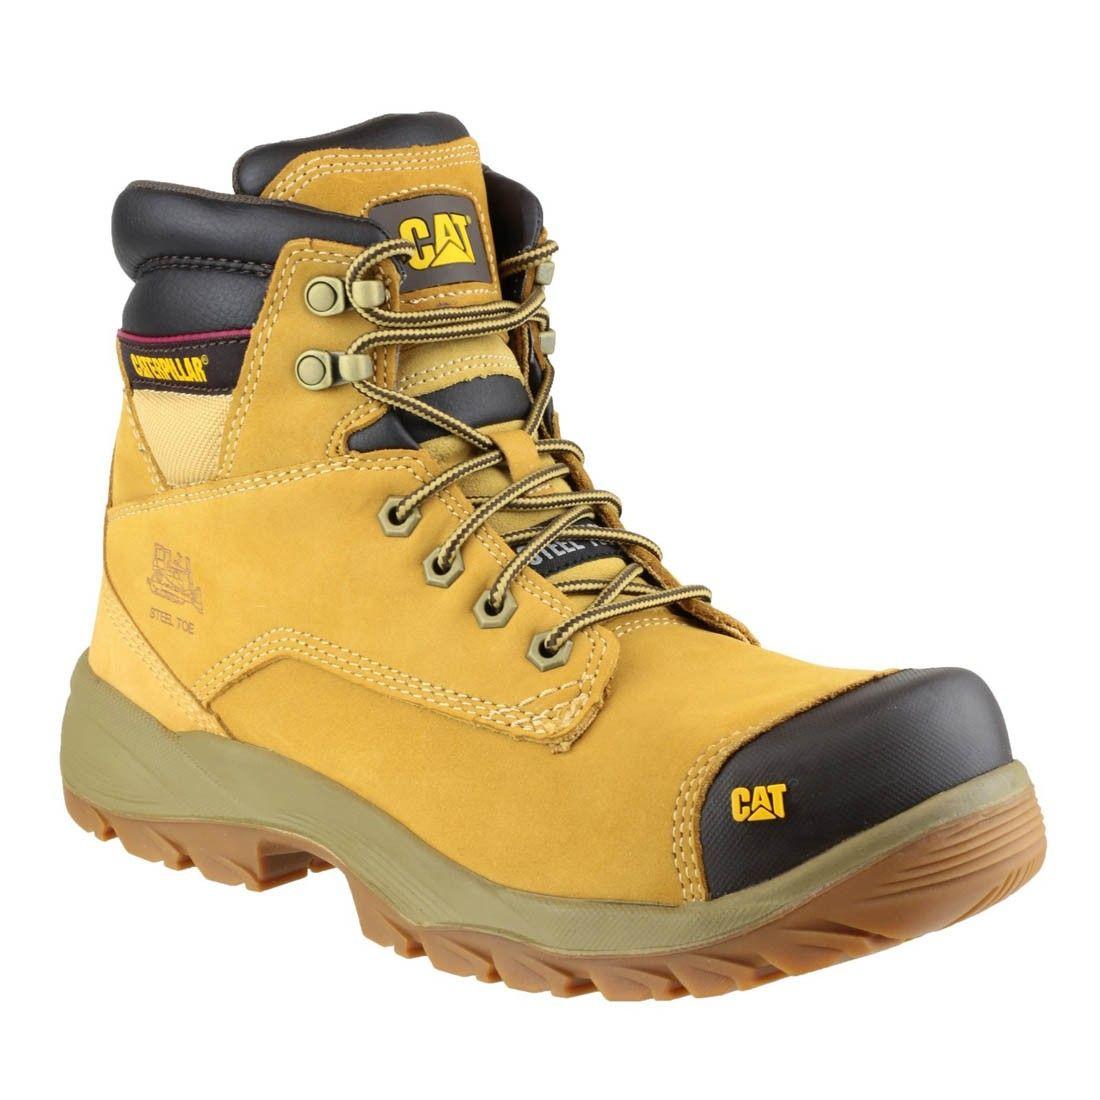 0e747770e0b Caterpillar Spiro Honey Nubuck Work Boots | Men & Women Hiking Boots ...